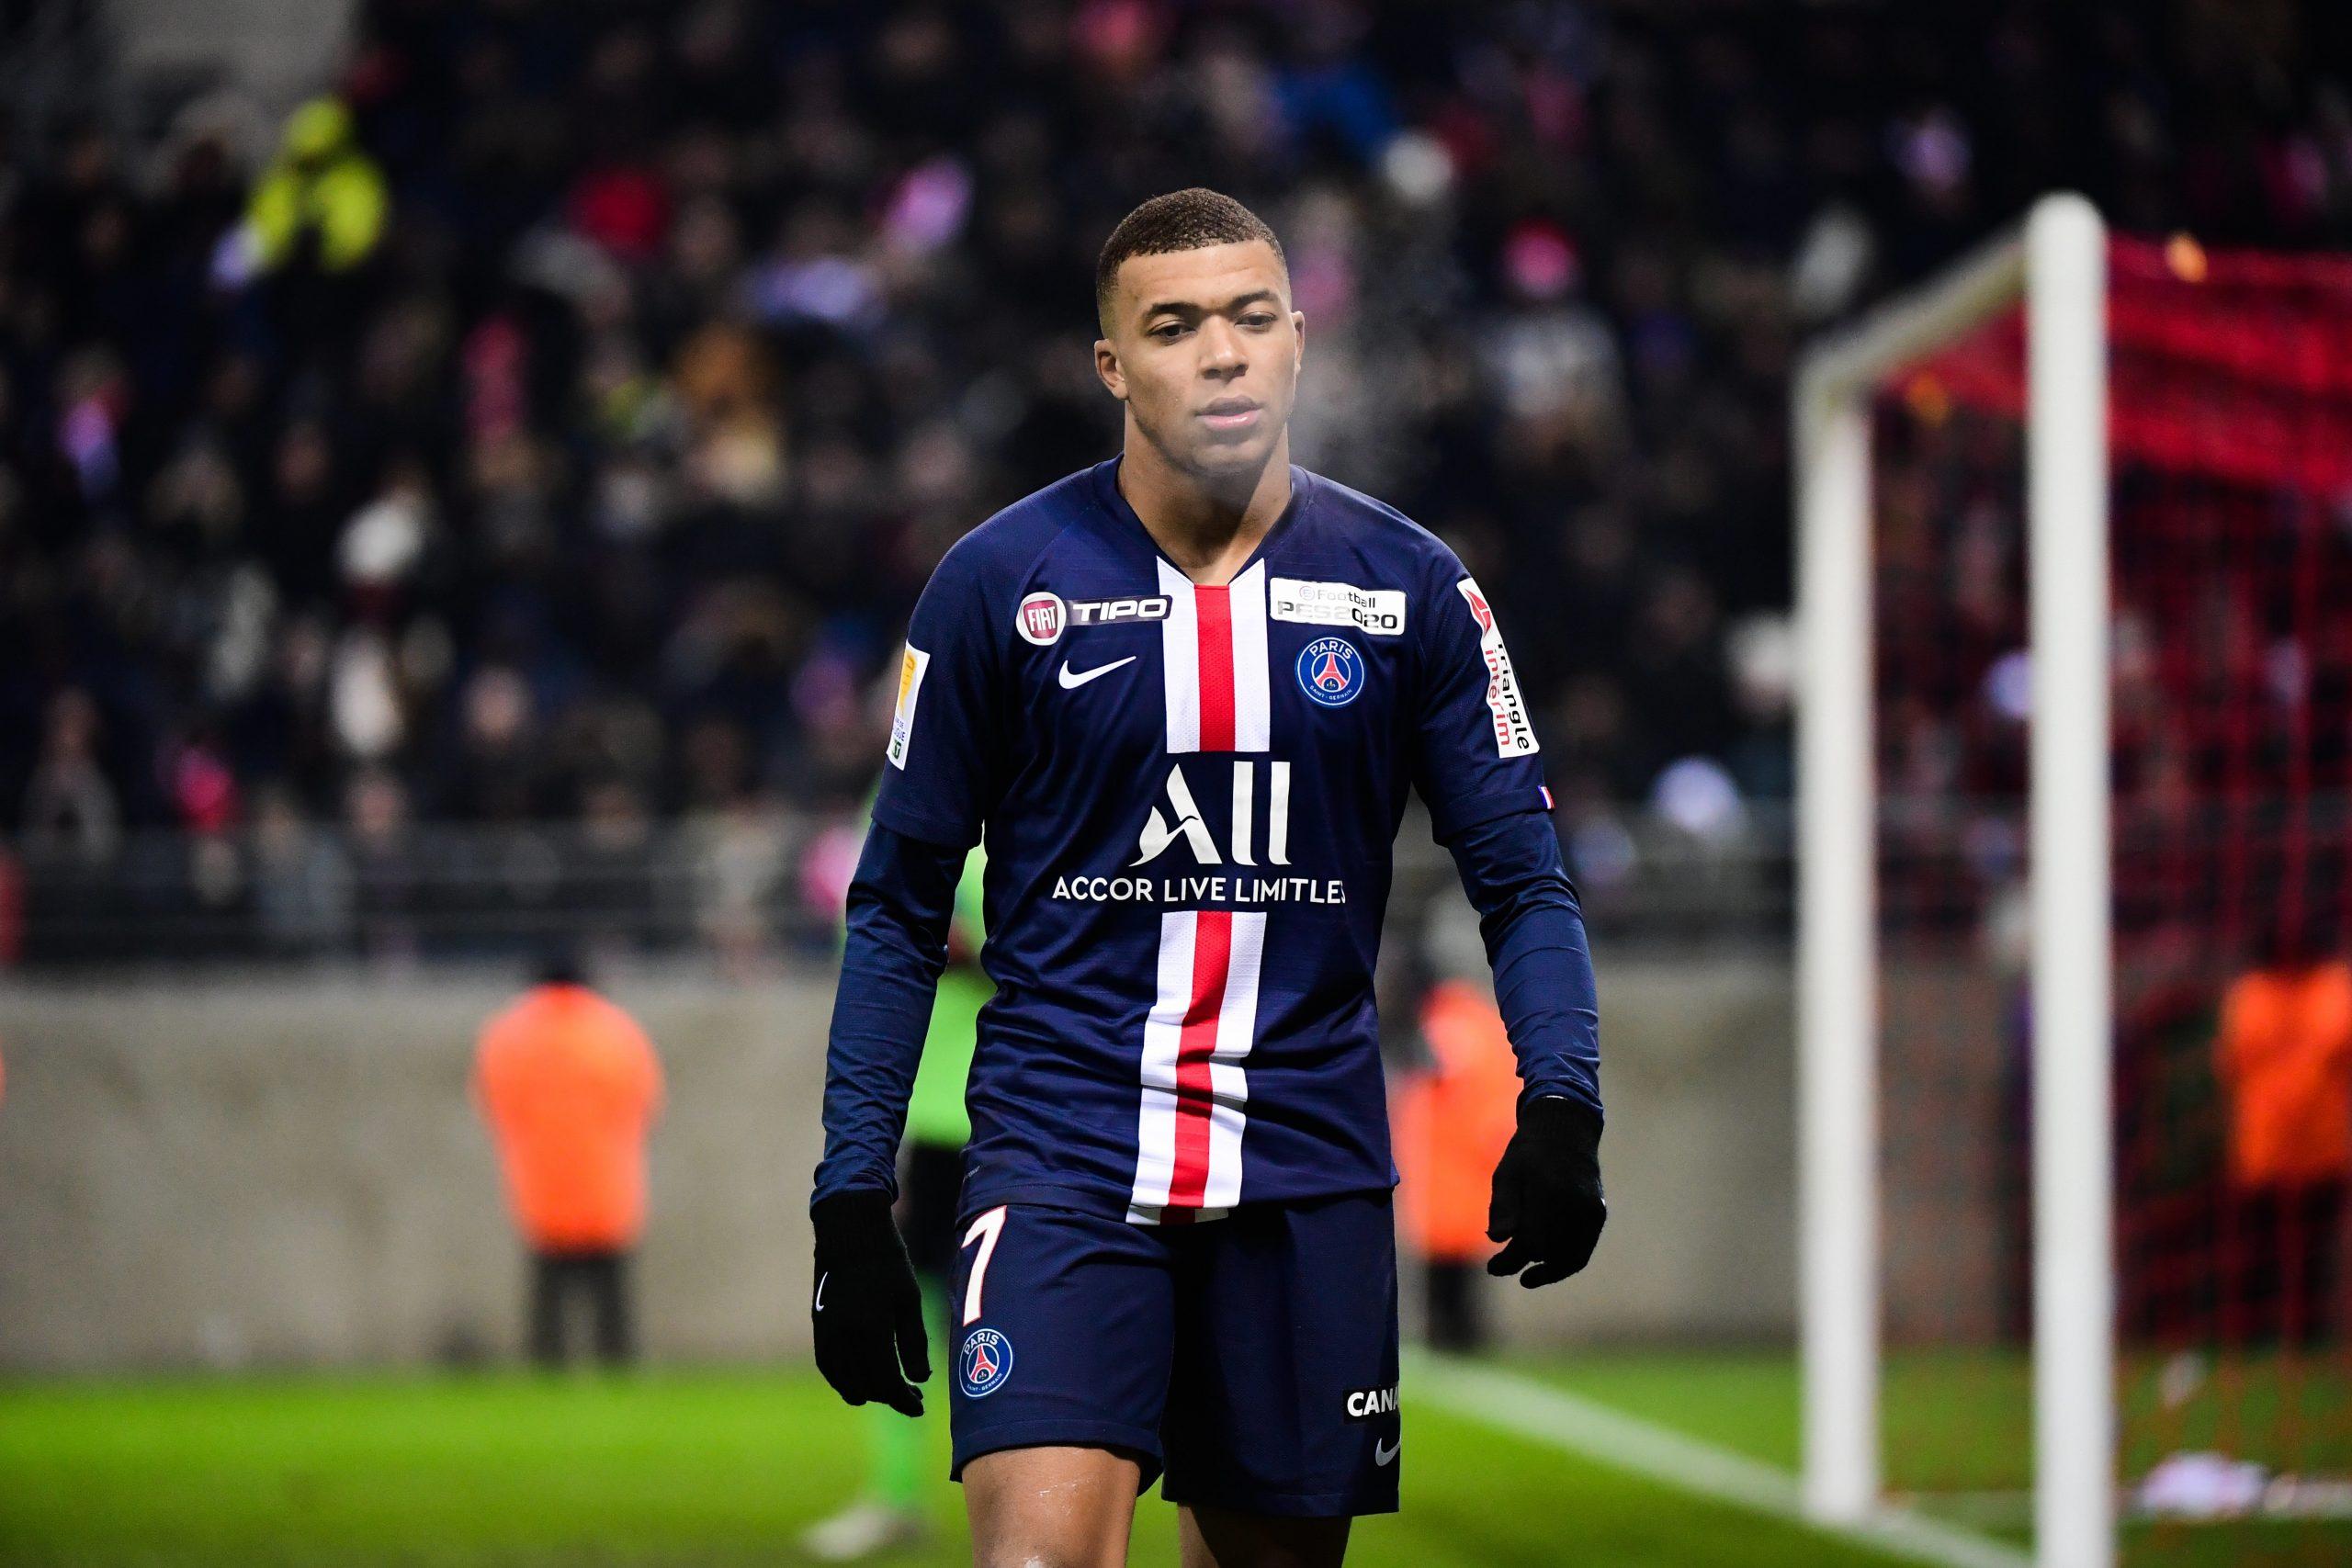 LOSC/PSG - Mbappé n'était pas avec le groupe vendredi, mais devrait être titulaire selon Le Parisien